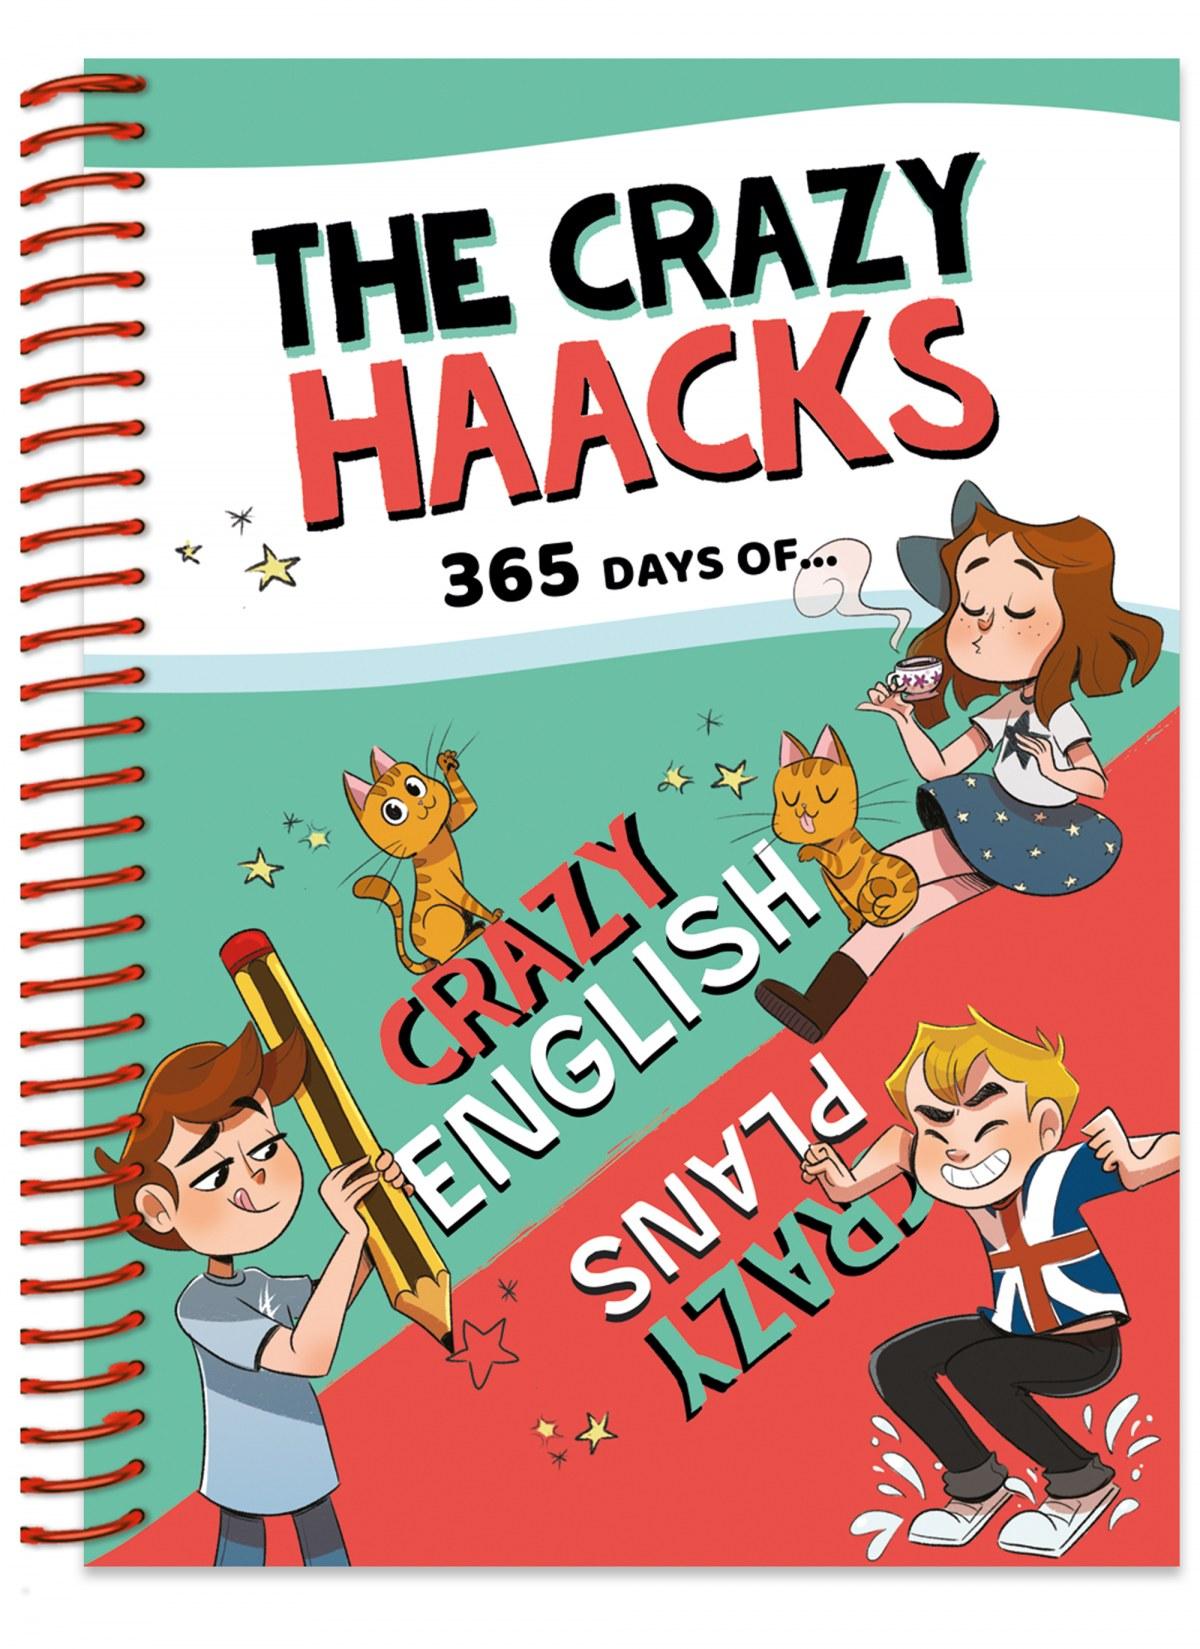 365 days of Crazy English & Crazy Plans (Serie The Crazy Haacks) 9788418038297